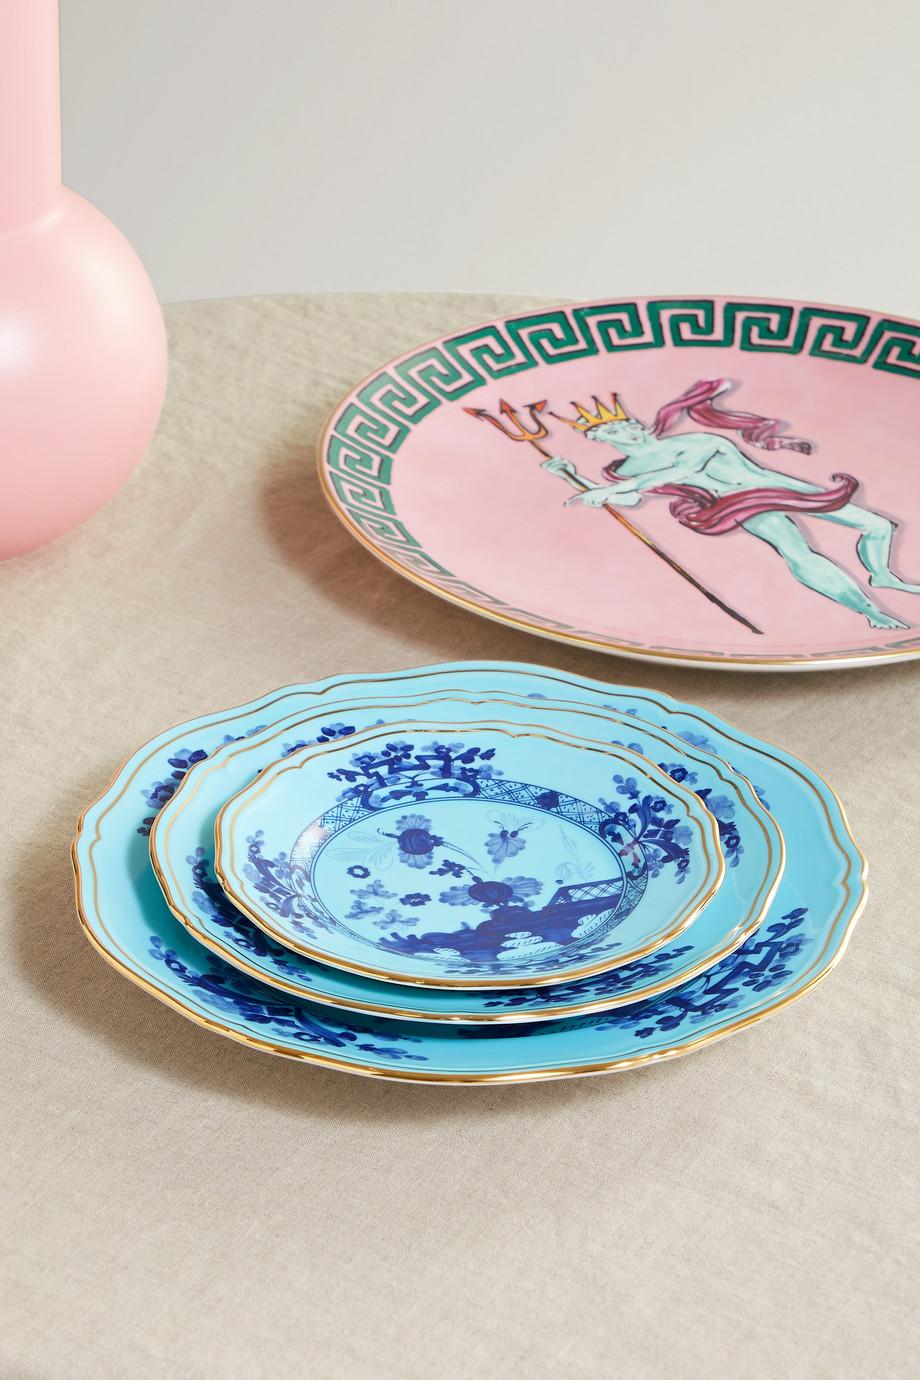 Ginori Oriente Italiano 17 cm Teller aus Porzellan mit vergoldeten Details